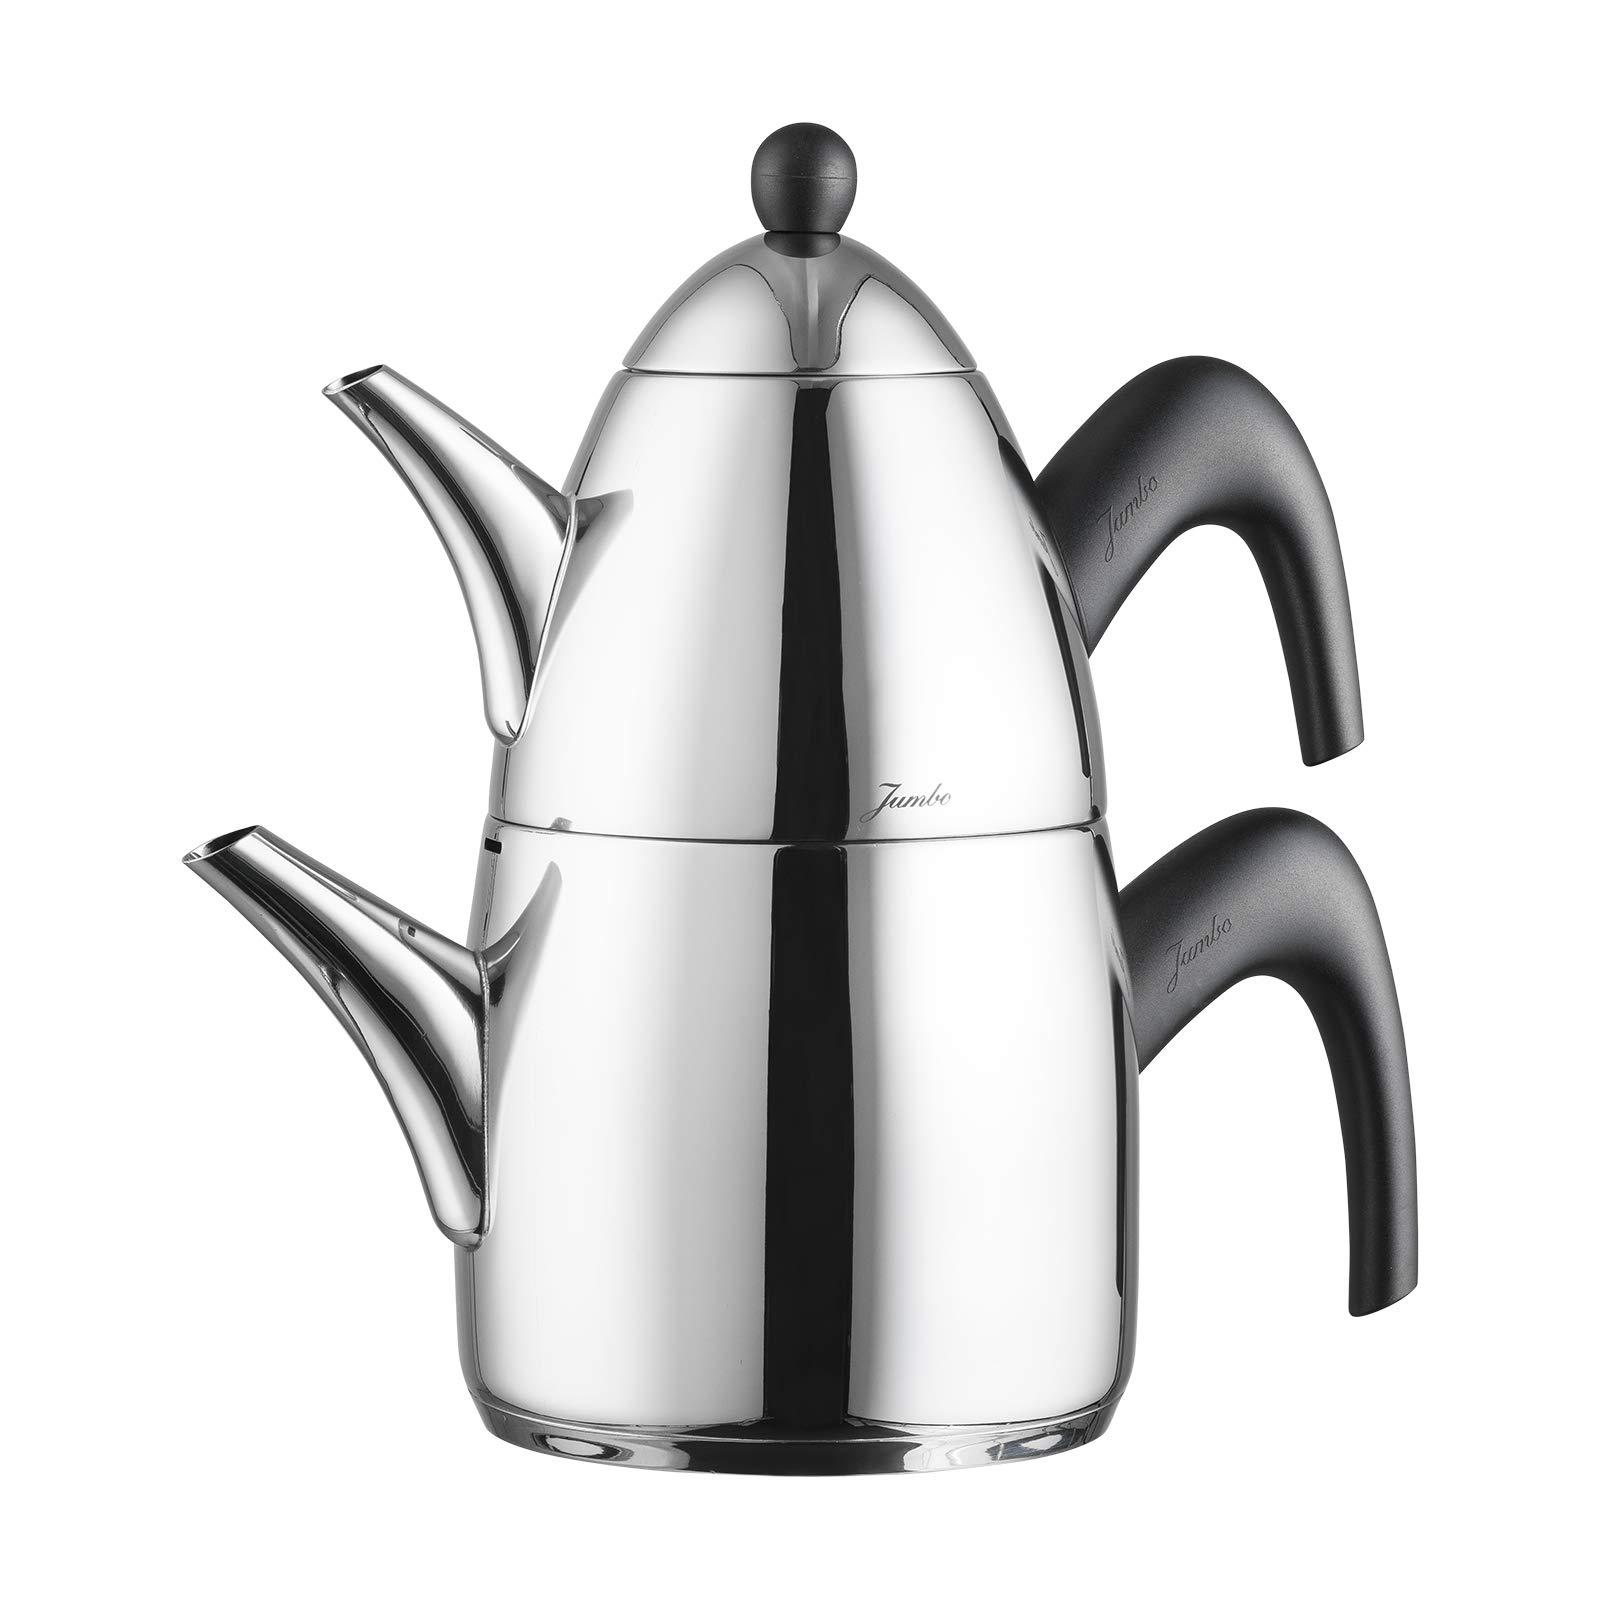 Jumbo Steel Teapot 6500 Kettle Stainless Steel